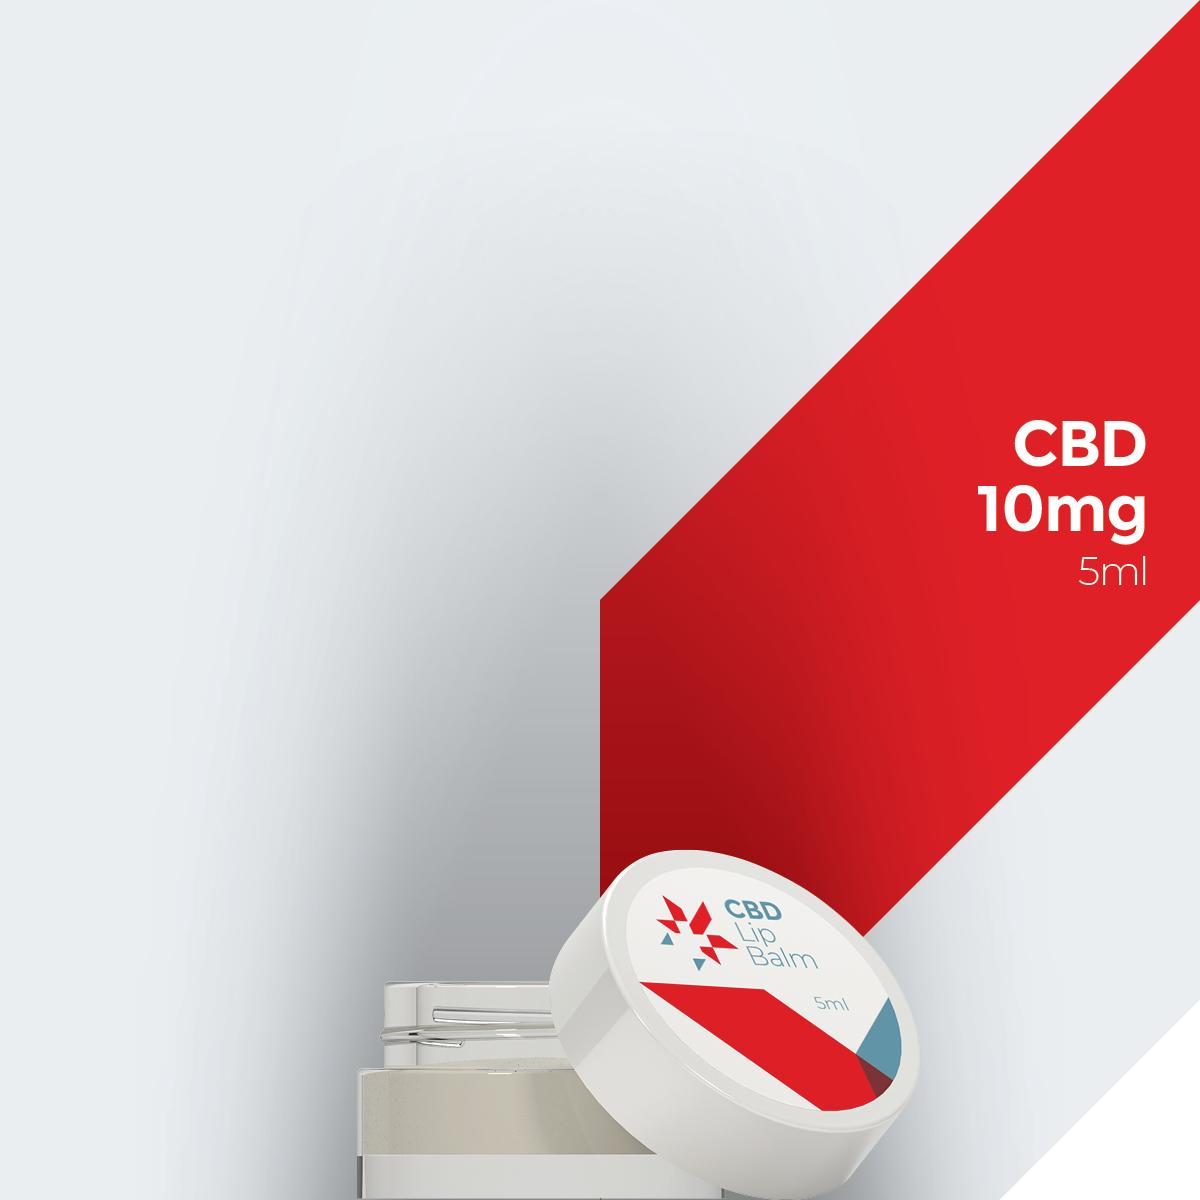 Balsamo per le labbra al CBD etichetta bianca